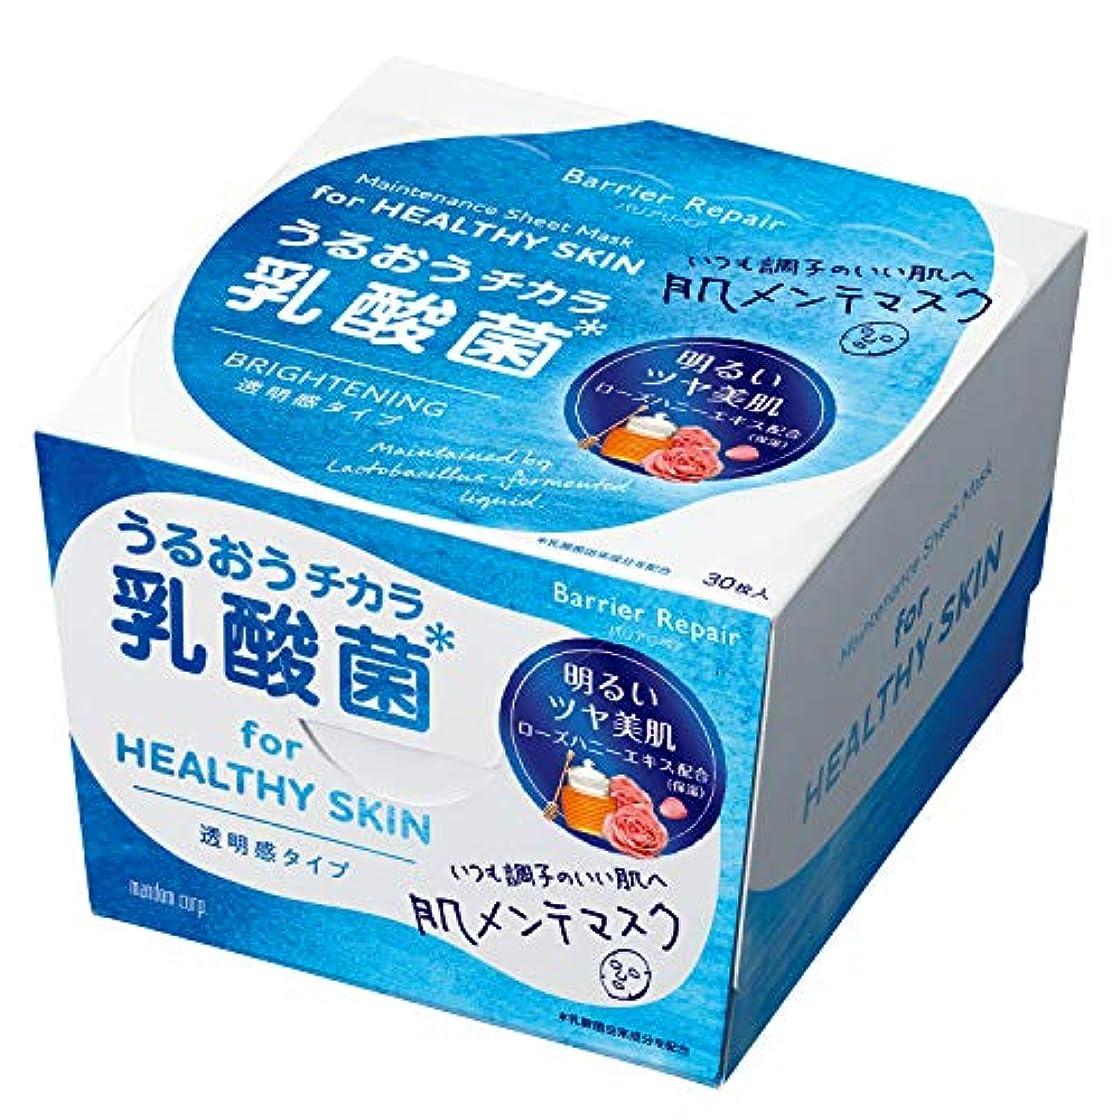 抵抗料理くぼみBarrier Repair(バリアリペア) バリアリペア メンテナンスマスク 透明感タイプ フェイスマスク 30枚